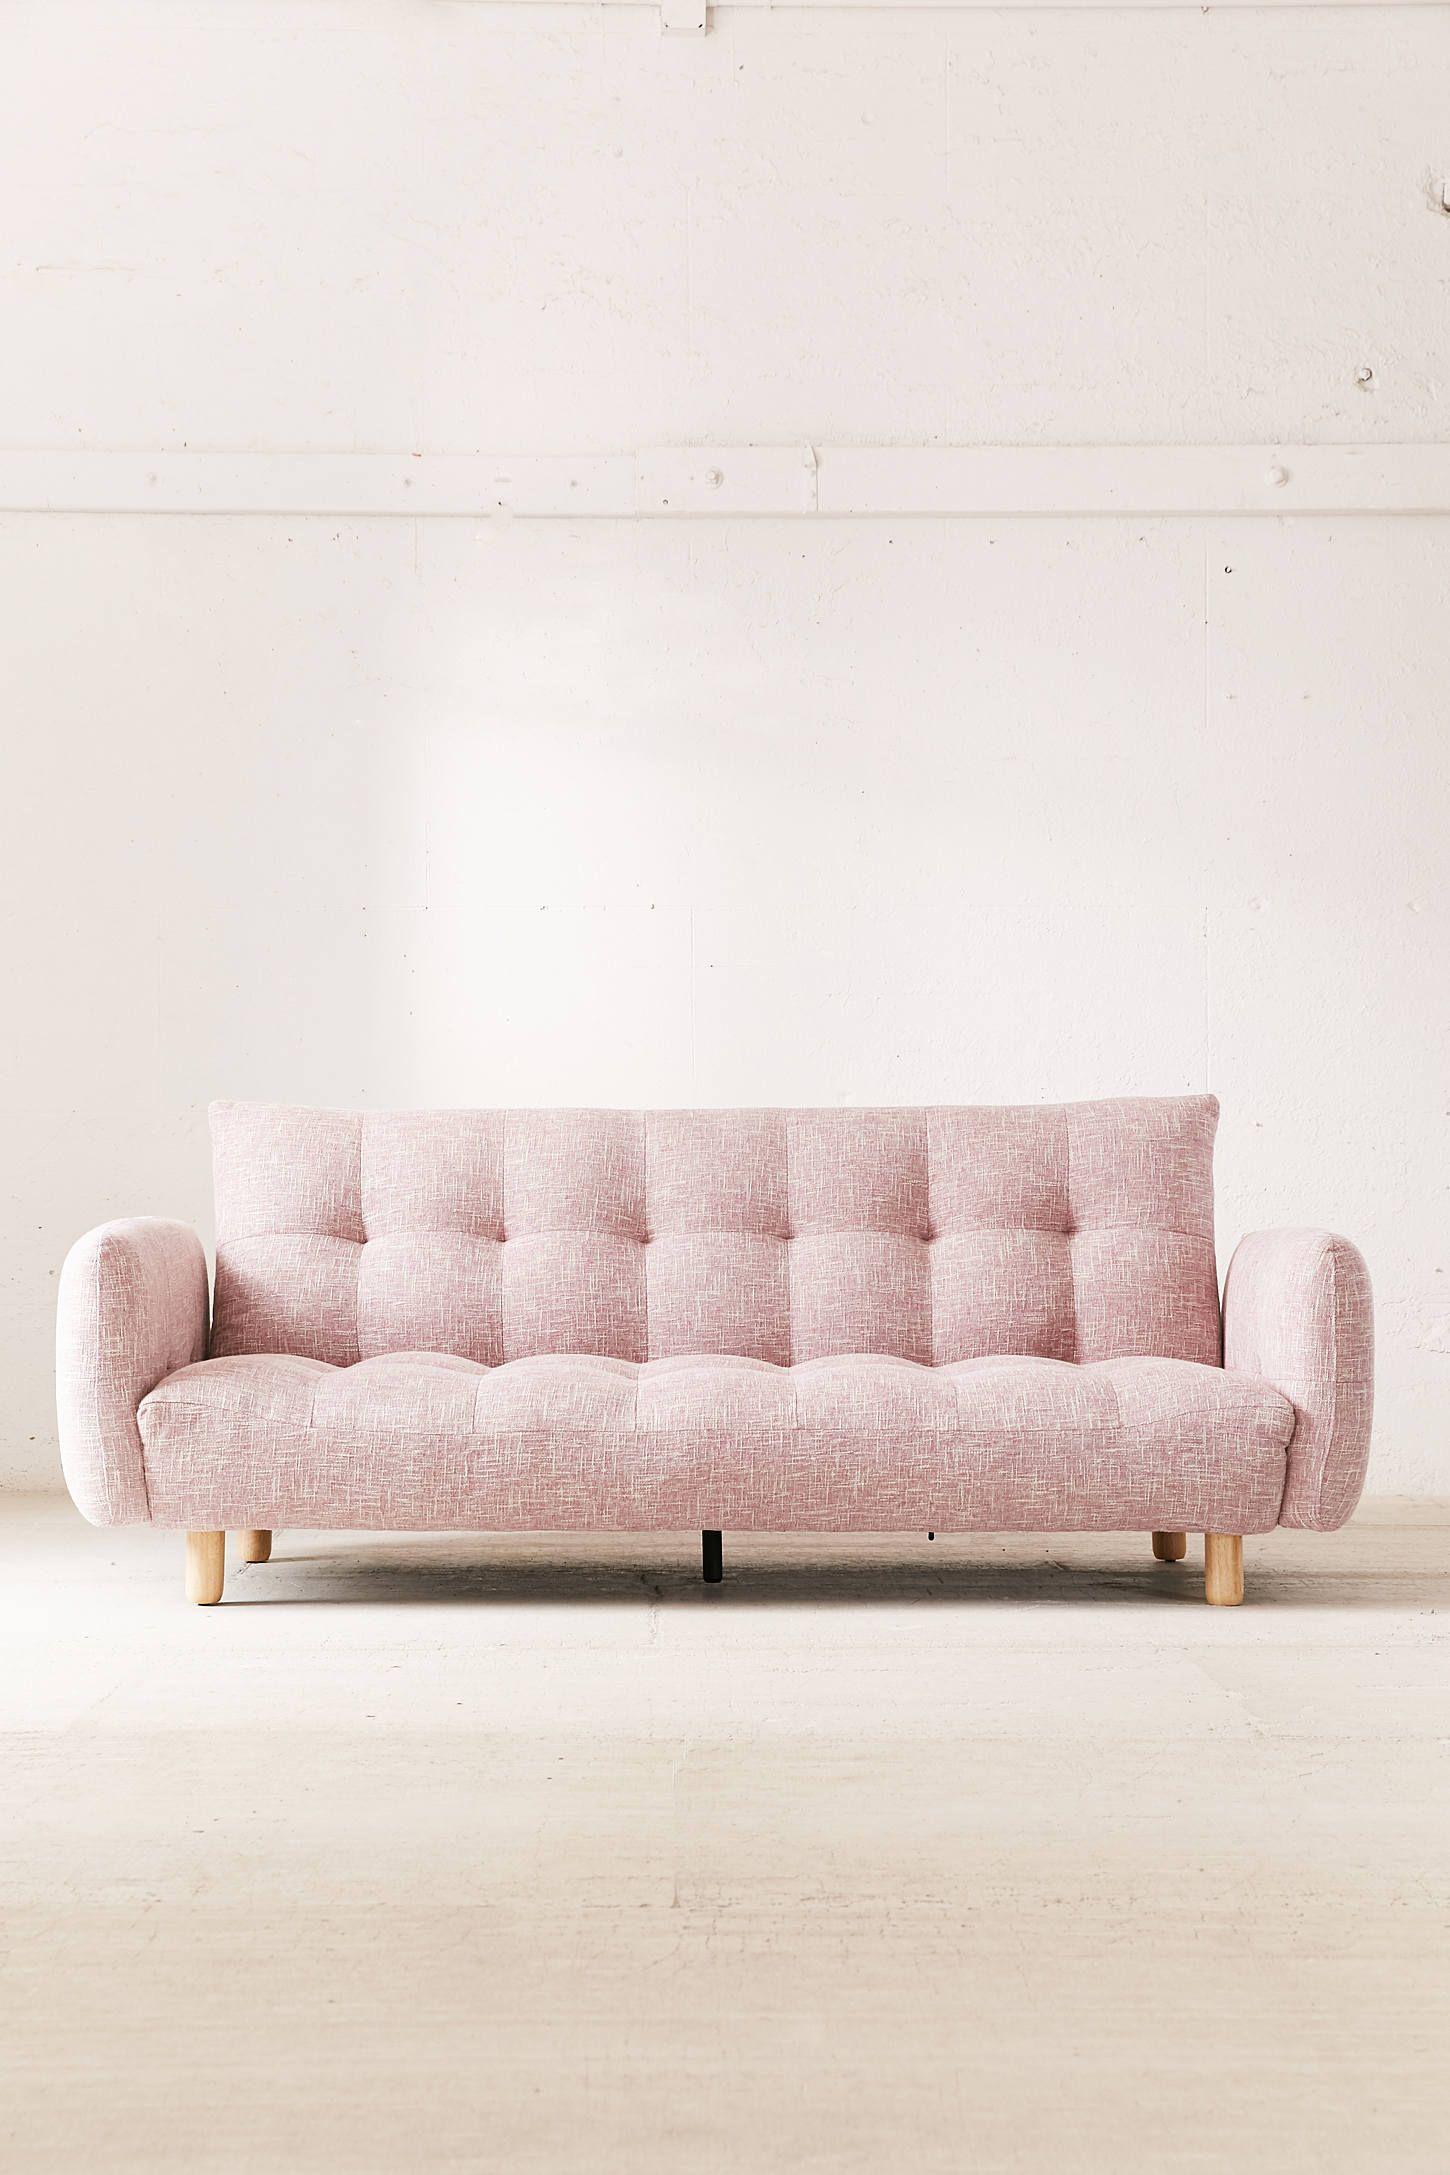 Slaapbank Manhattan Vd.Winslow Sleeper Sofa In 2020 Beautiful Sofas Sleeper Sofa